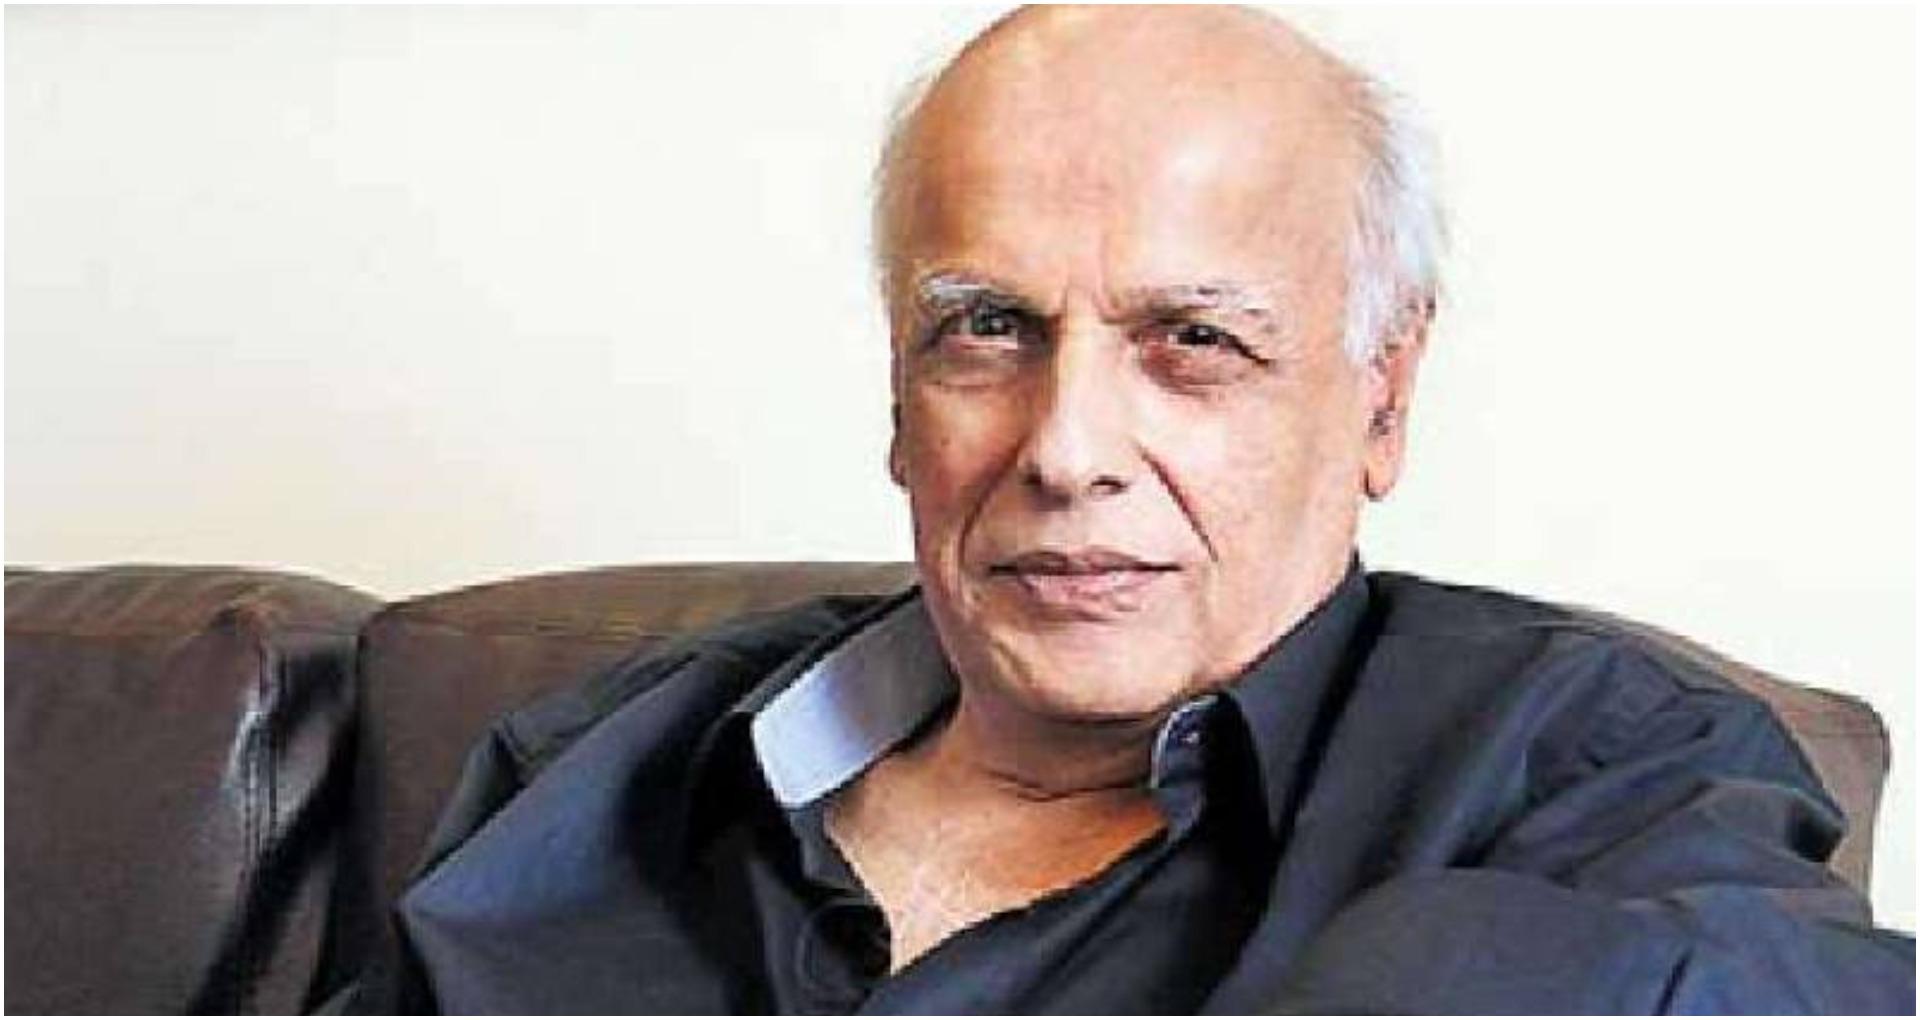 सुशांत सुसाइड केस: बांद्रा पुलिस ने पूछताछ के लिए महेश भट्ट को बुलाया, सामने आ सकते हैं कई राज